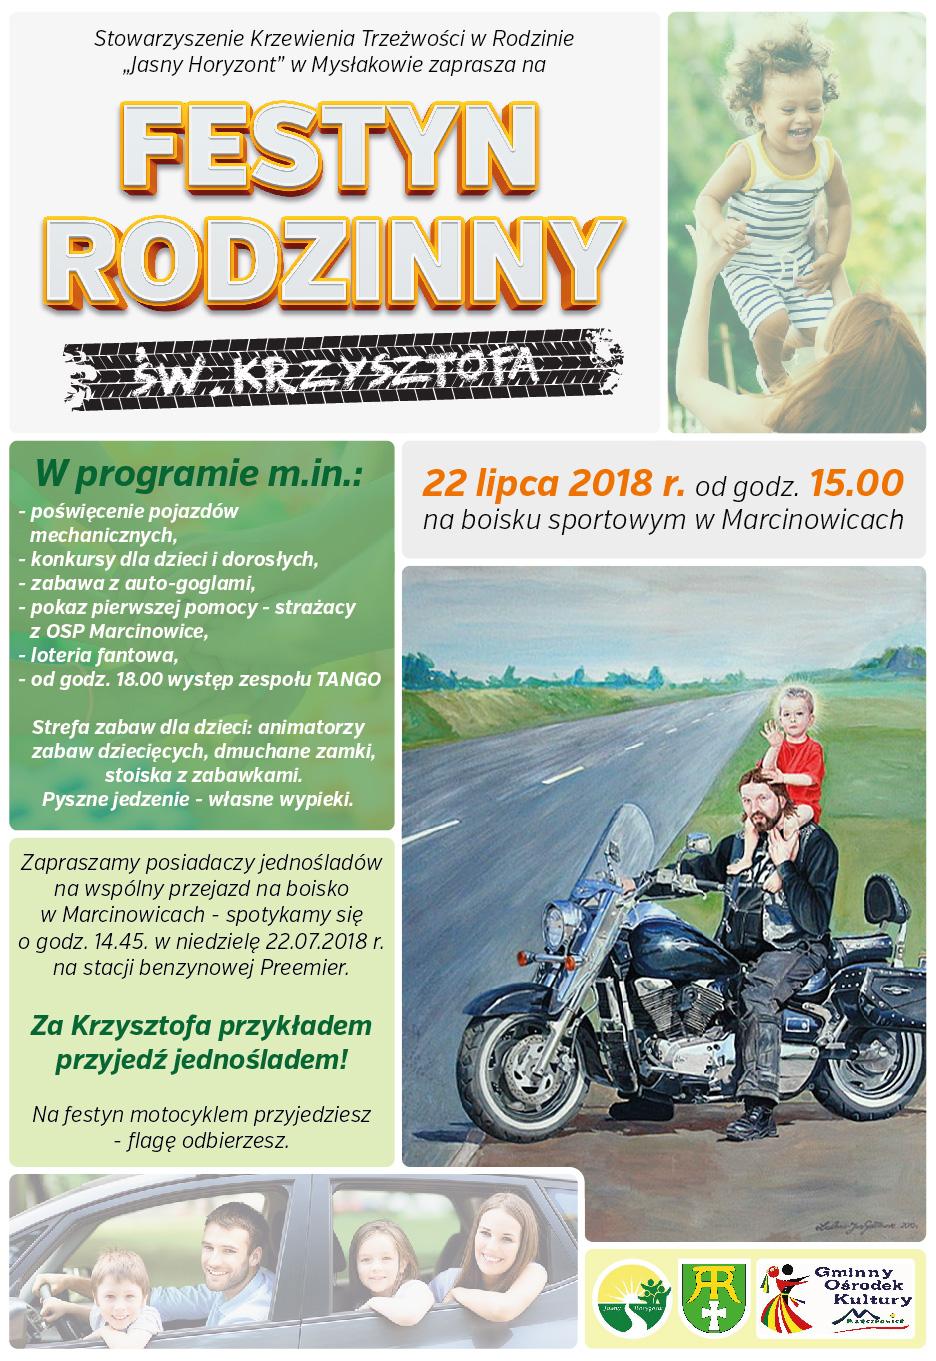 Festyn rodzinny św. Krzysztofa @ Marcinowice | Marcinowice | Województwo dolnośląskie | Polska